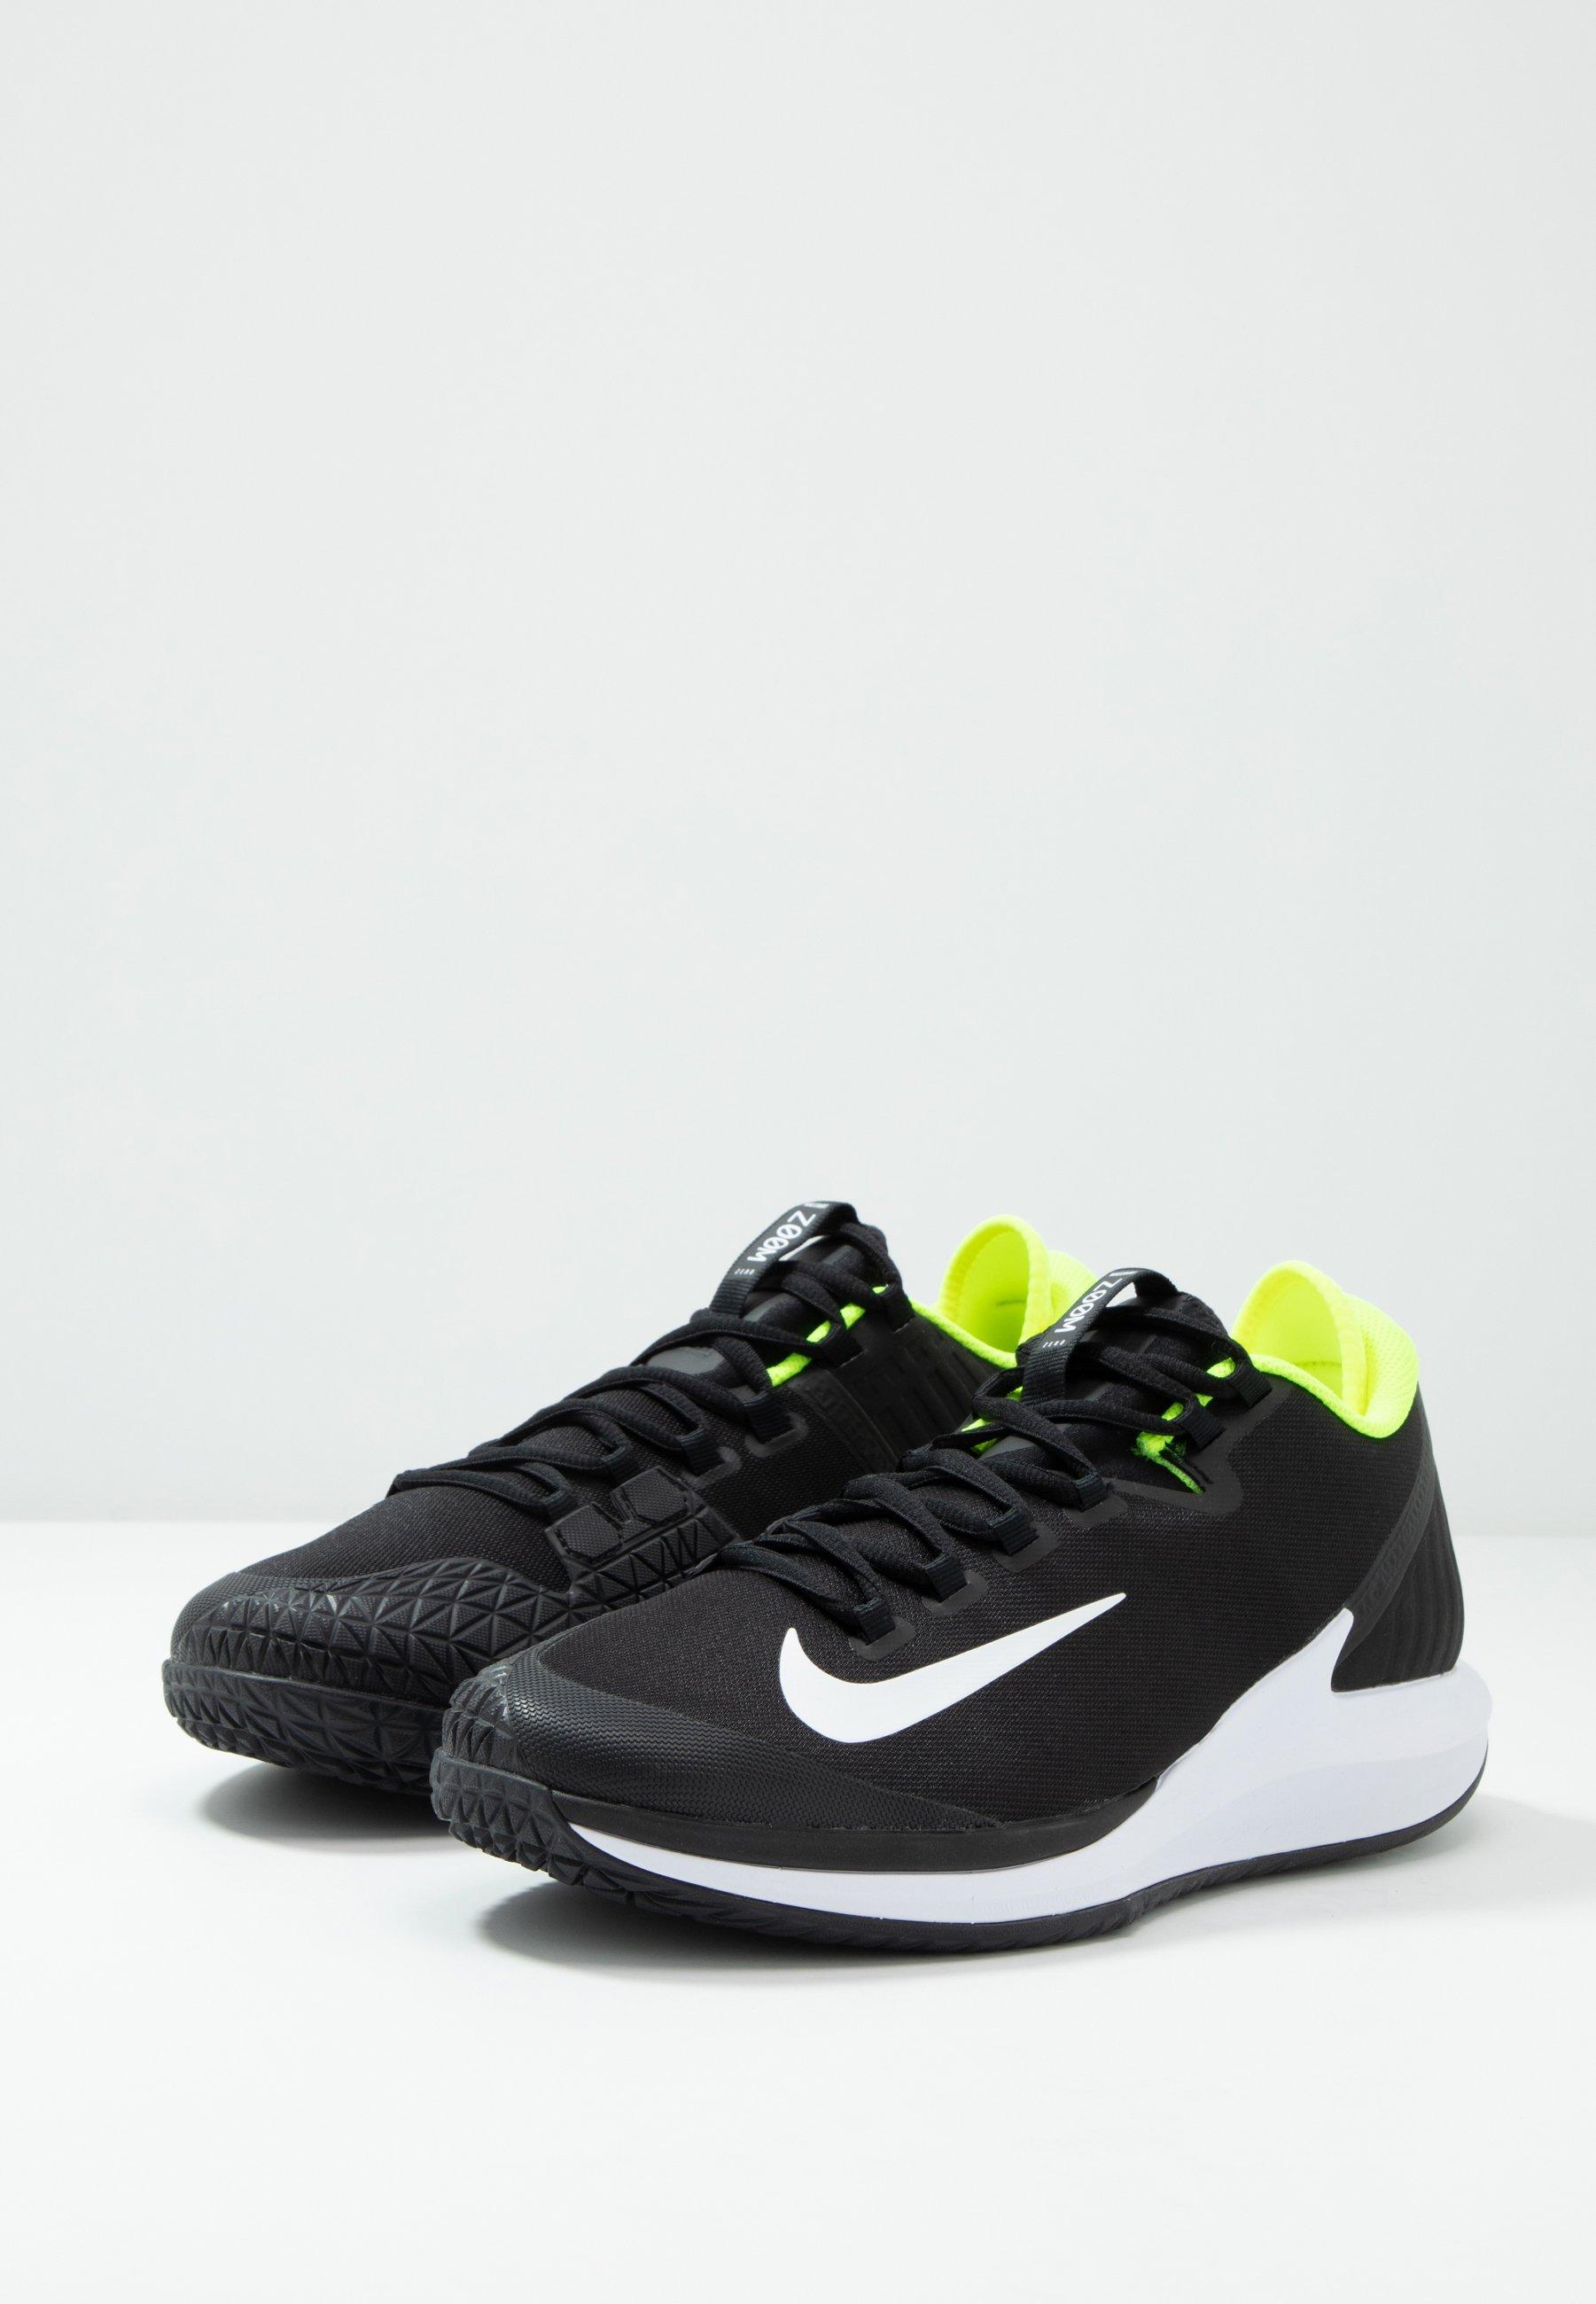 Il più grande fornitore Scarpe da uomo Nike Performance COURT AIR ZOOM Scarpe da tennis per tutte le superfici black/white/volt